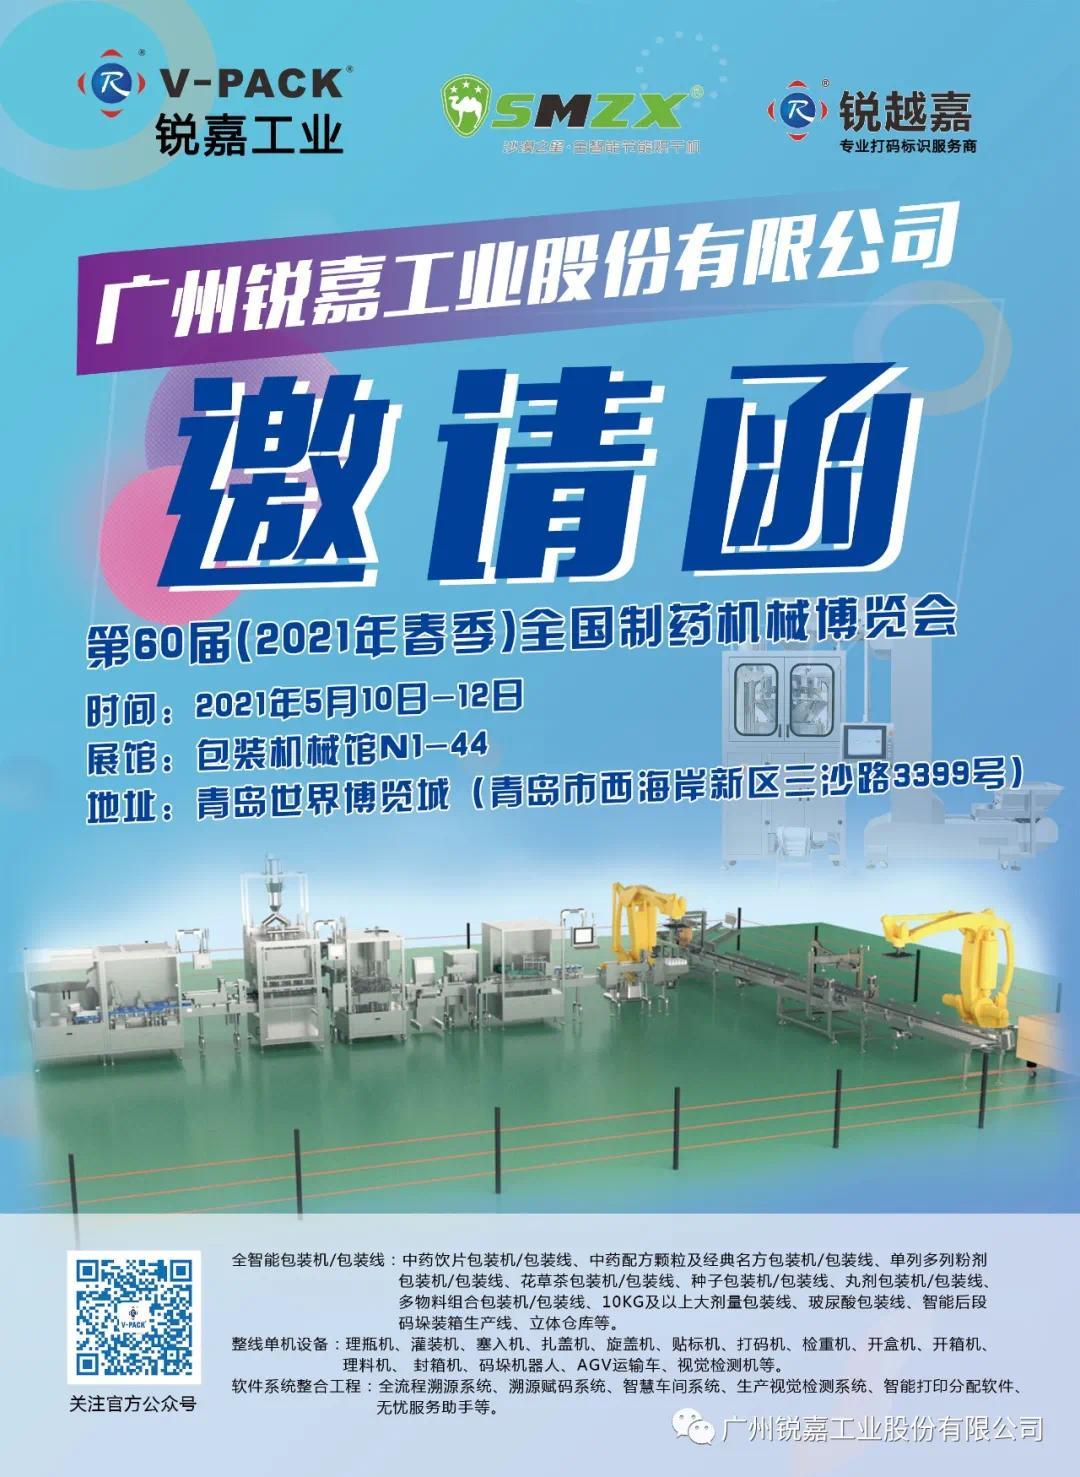 锐嘉工业邀您共聚第60届(2021年春季)全国制药机械博览会